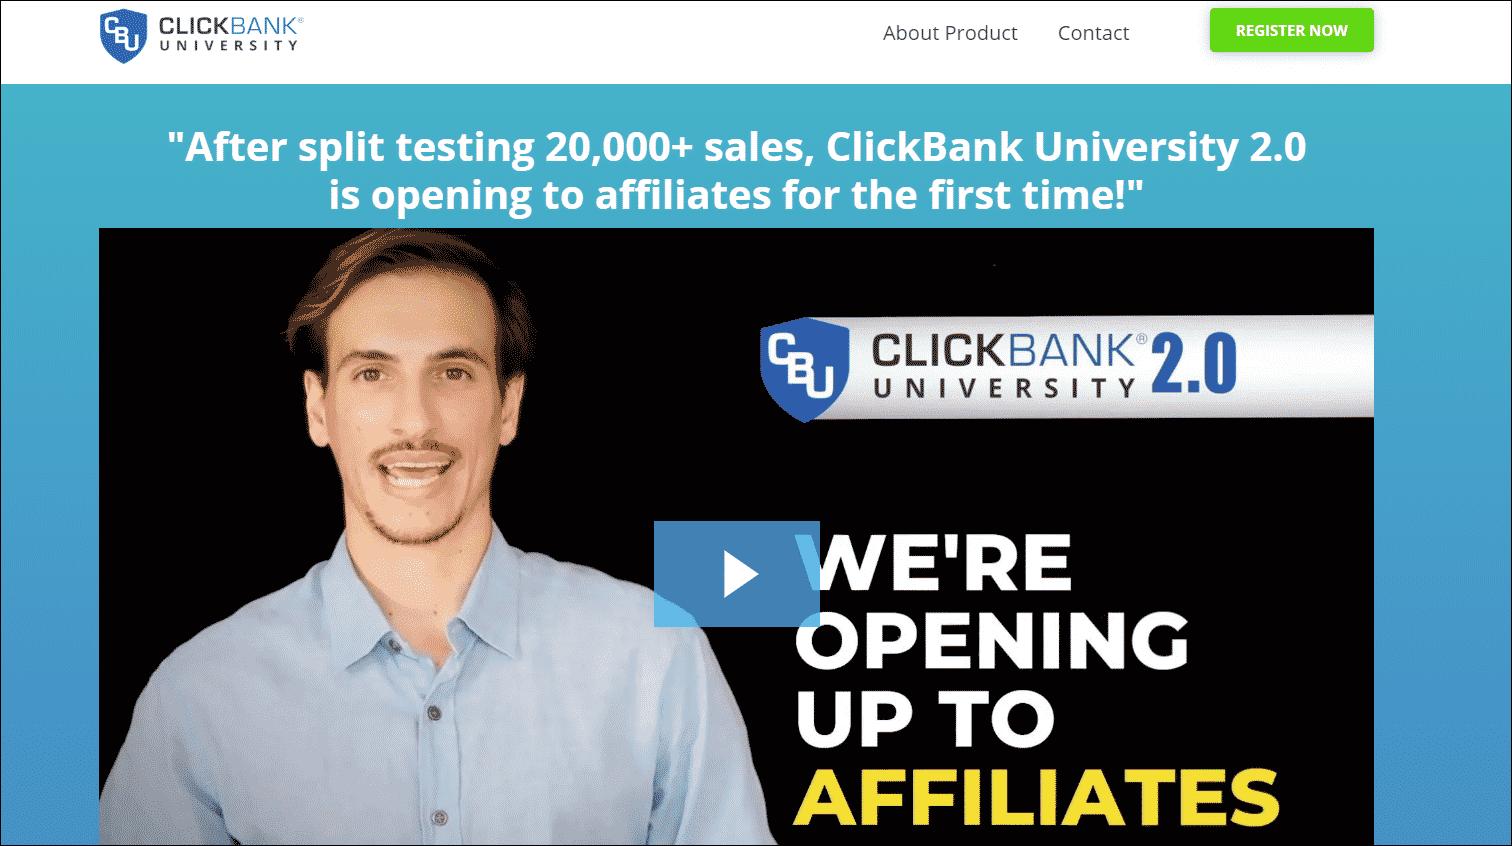 Clickbank Affiliates